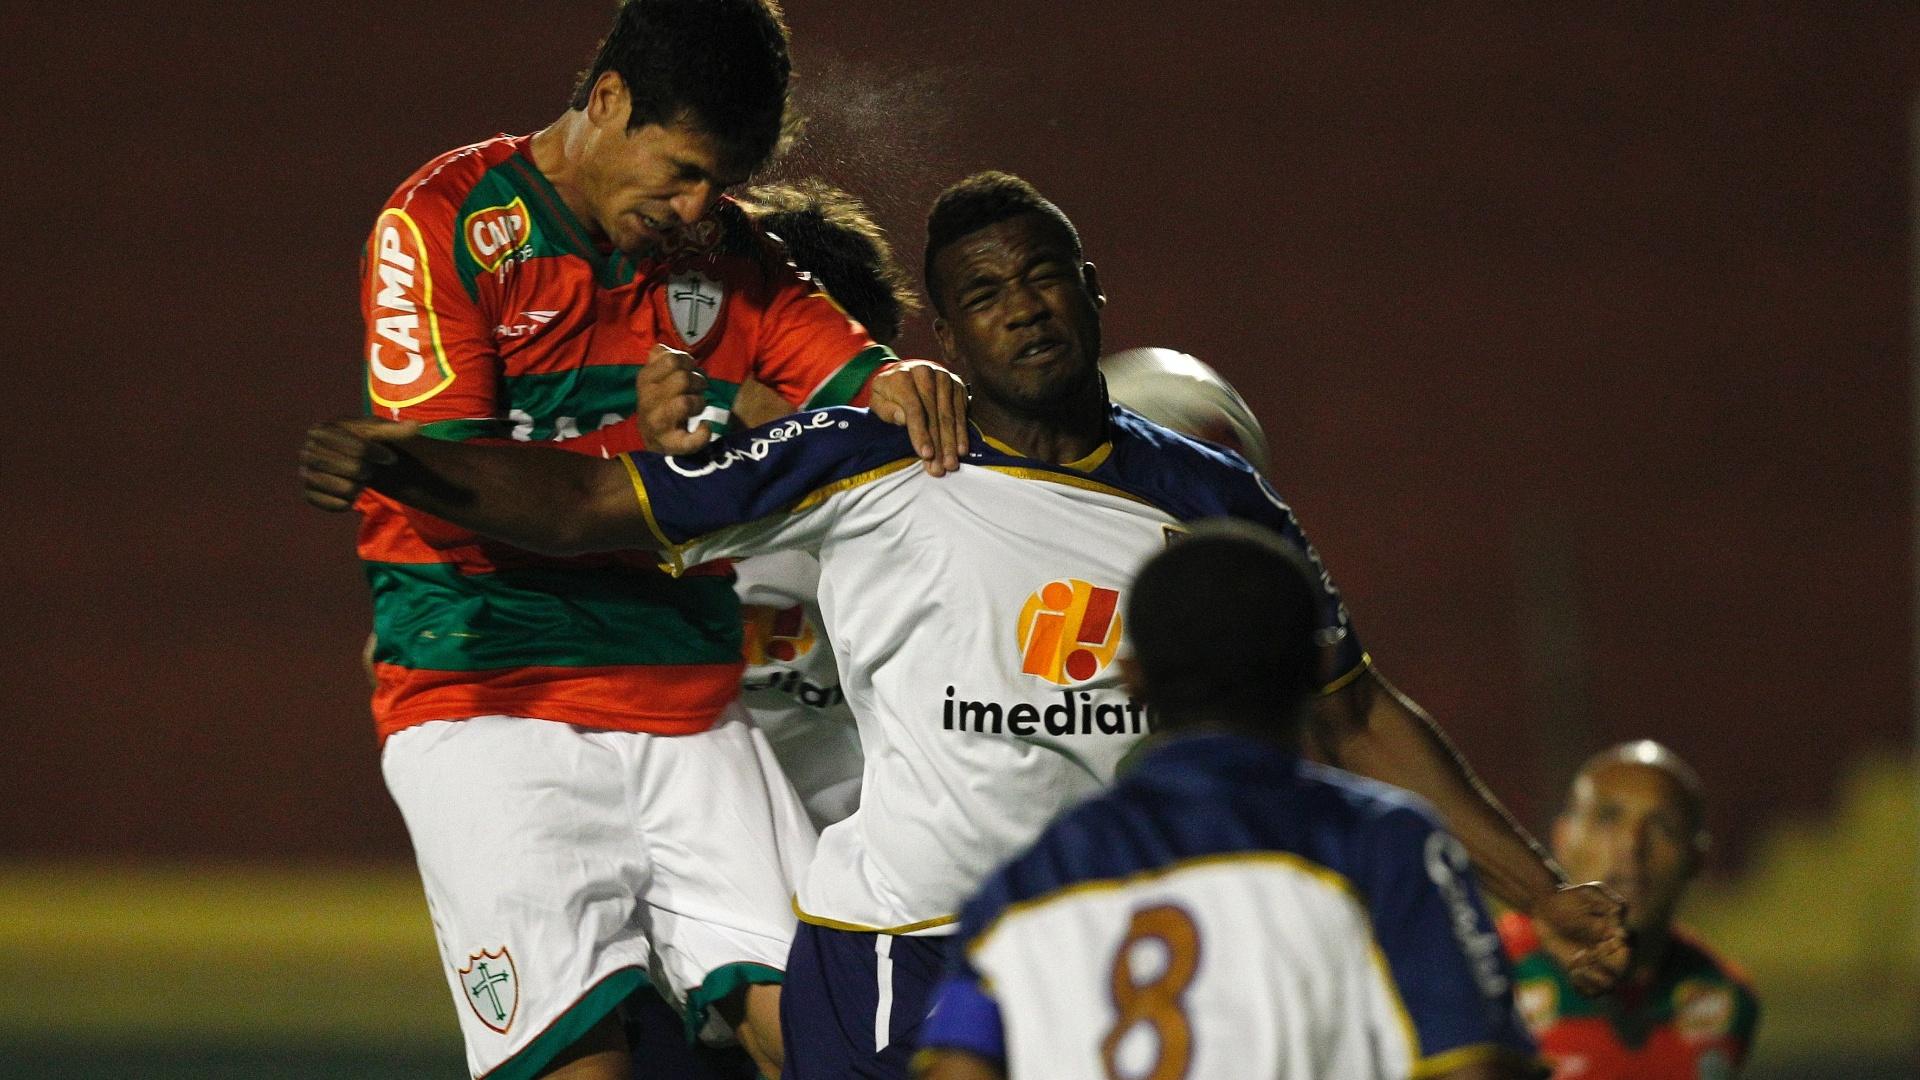 Ivo, da Portuguesa, disputa bola com a zaga do Americana em partida válida pela 13ª rodada da Série B (26/07/2011)